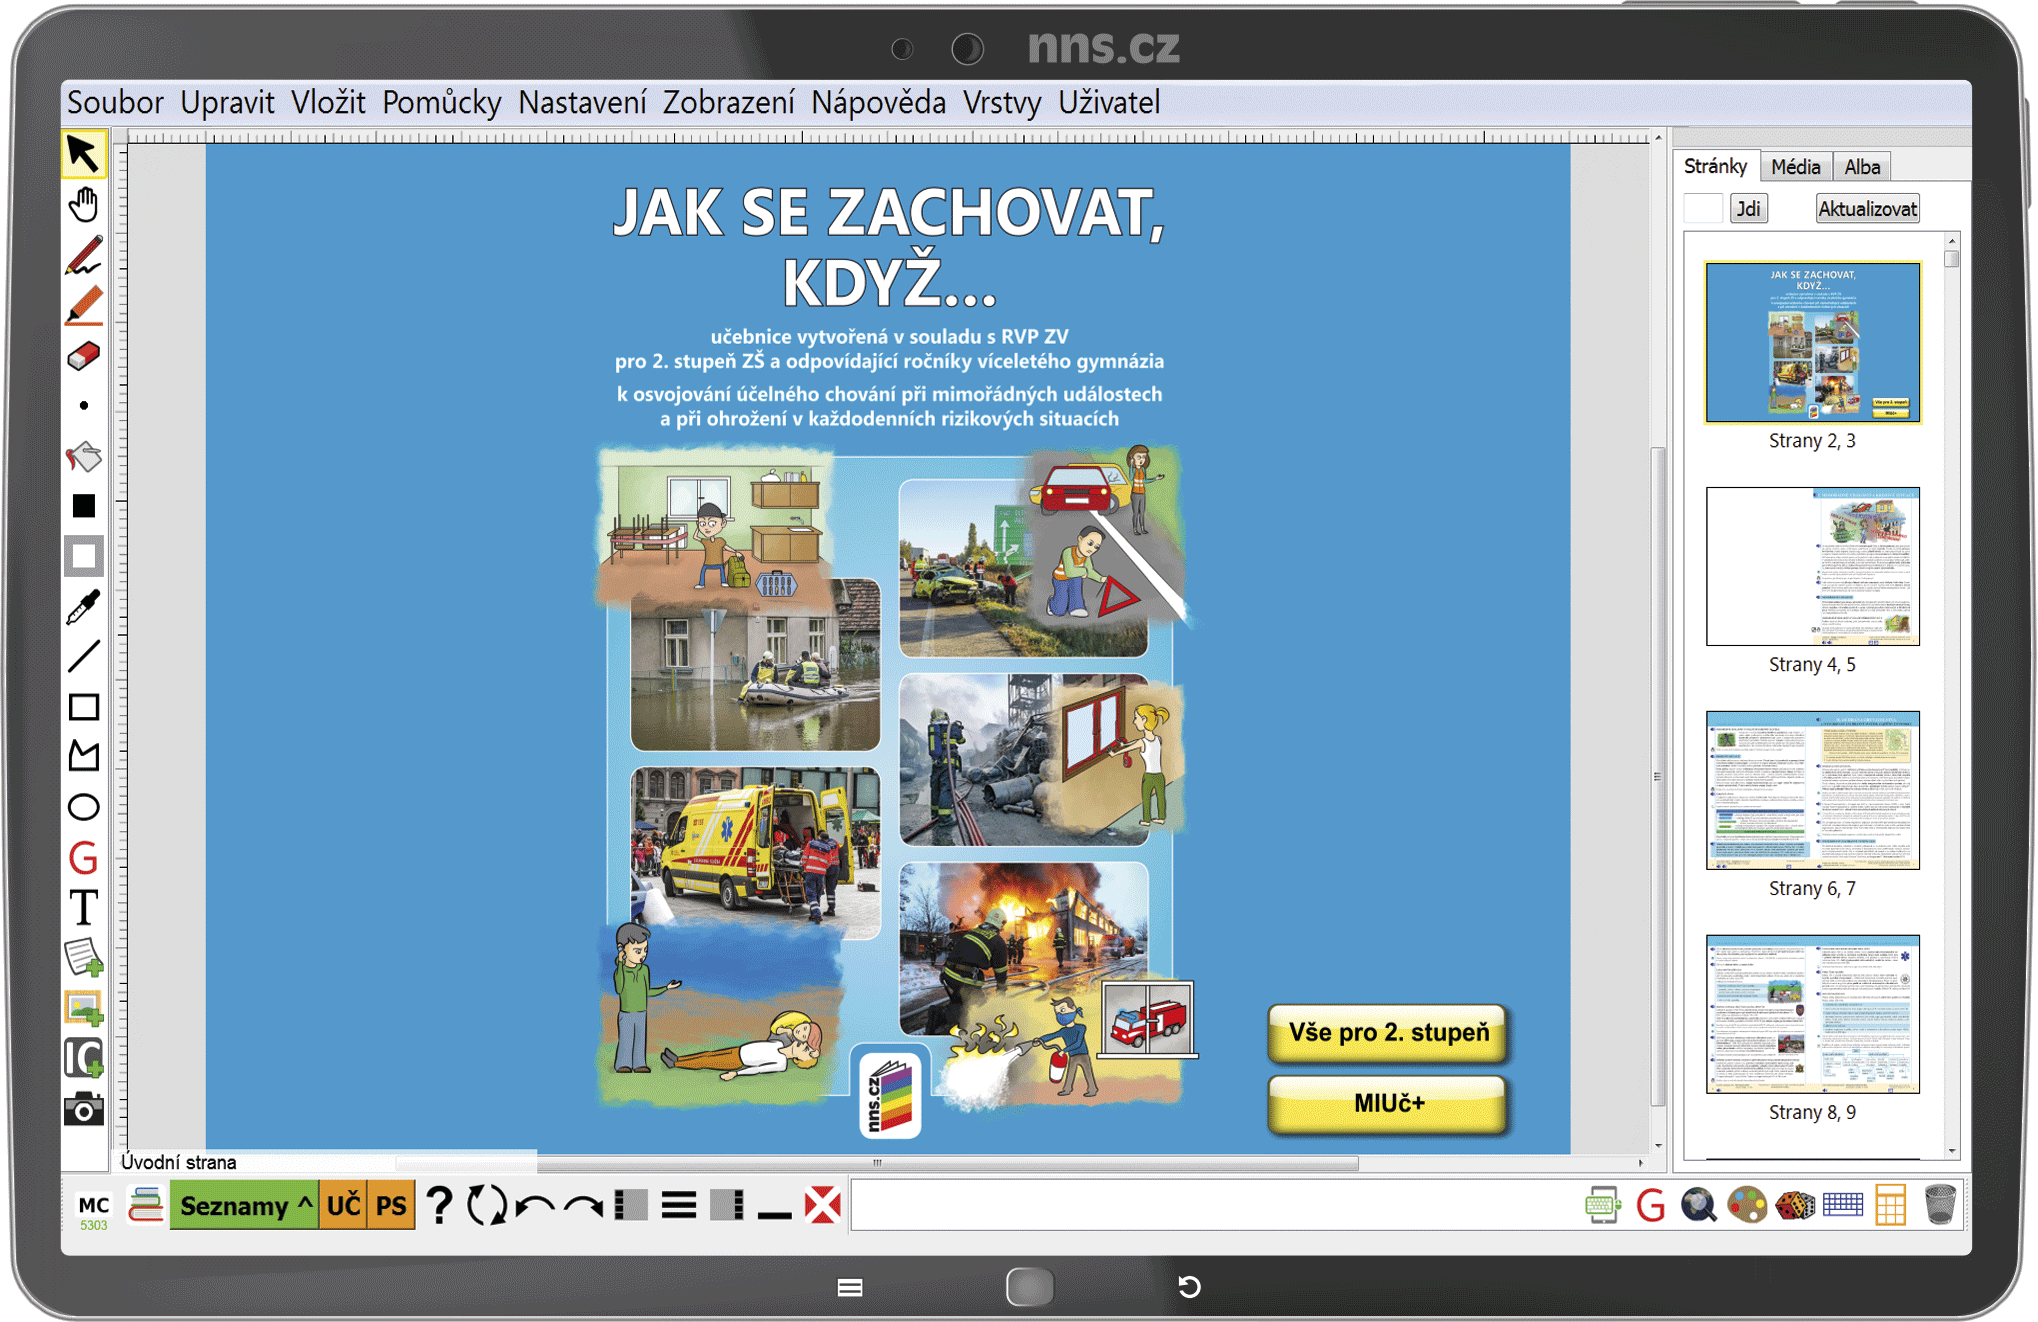 MIUč+ Jak se zachovat, když... - žák. licence na 1 šk. rok